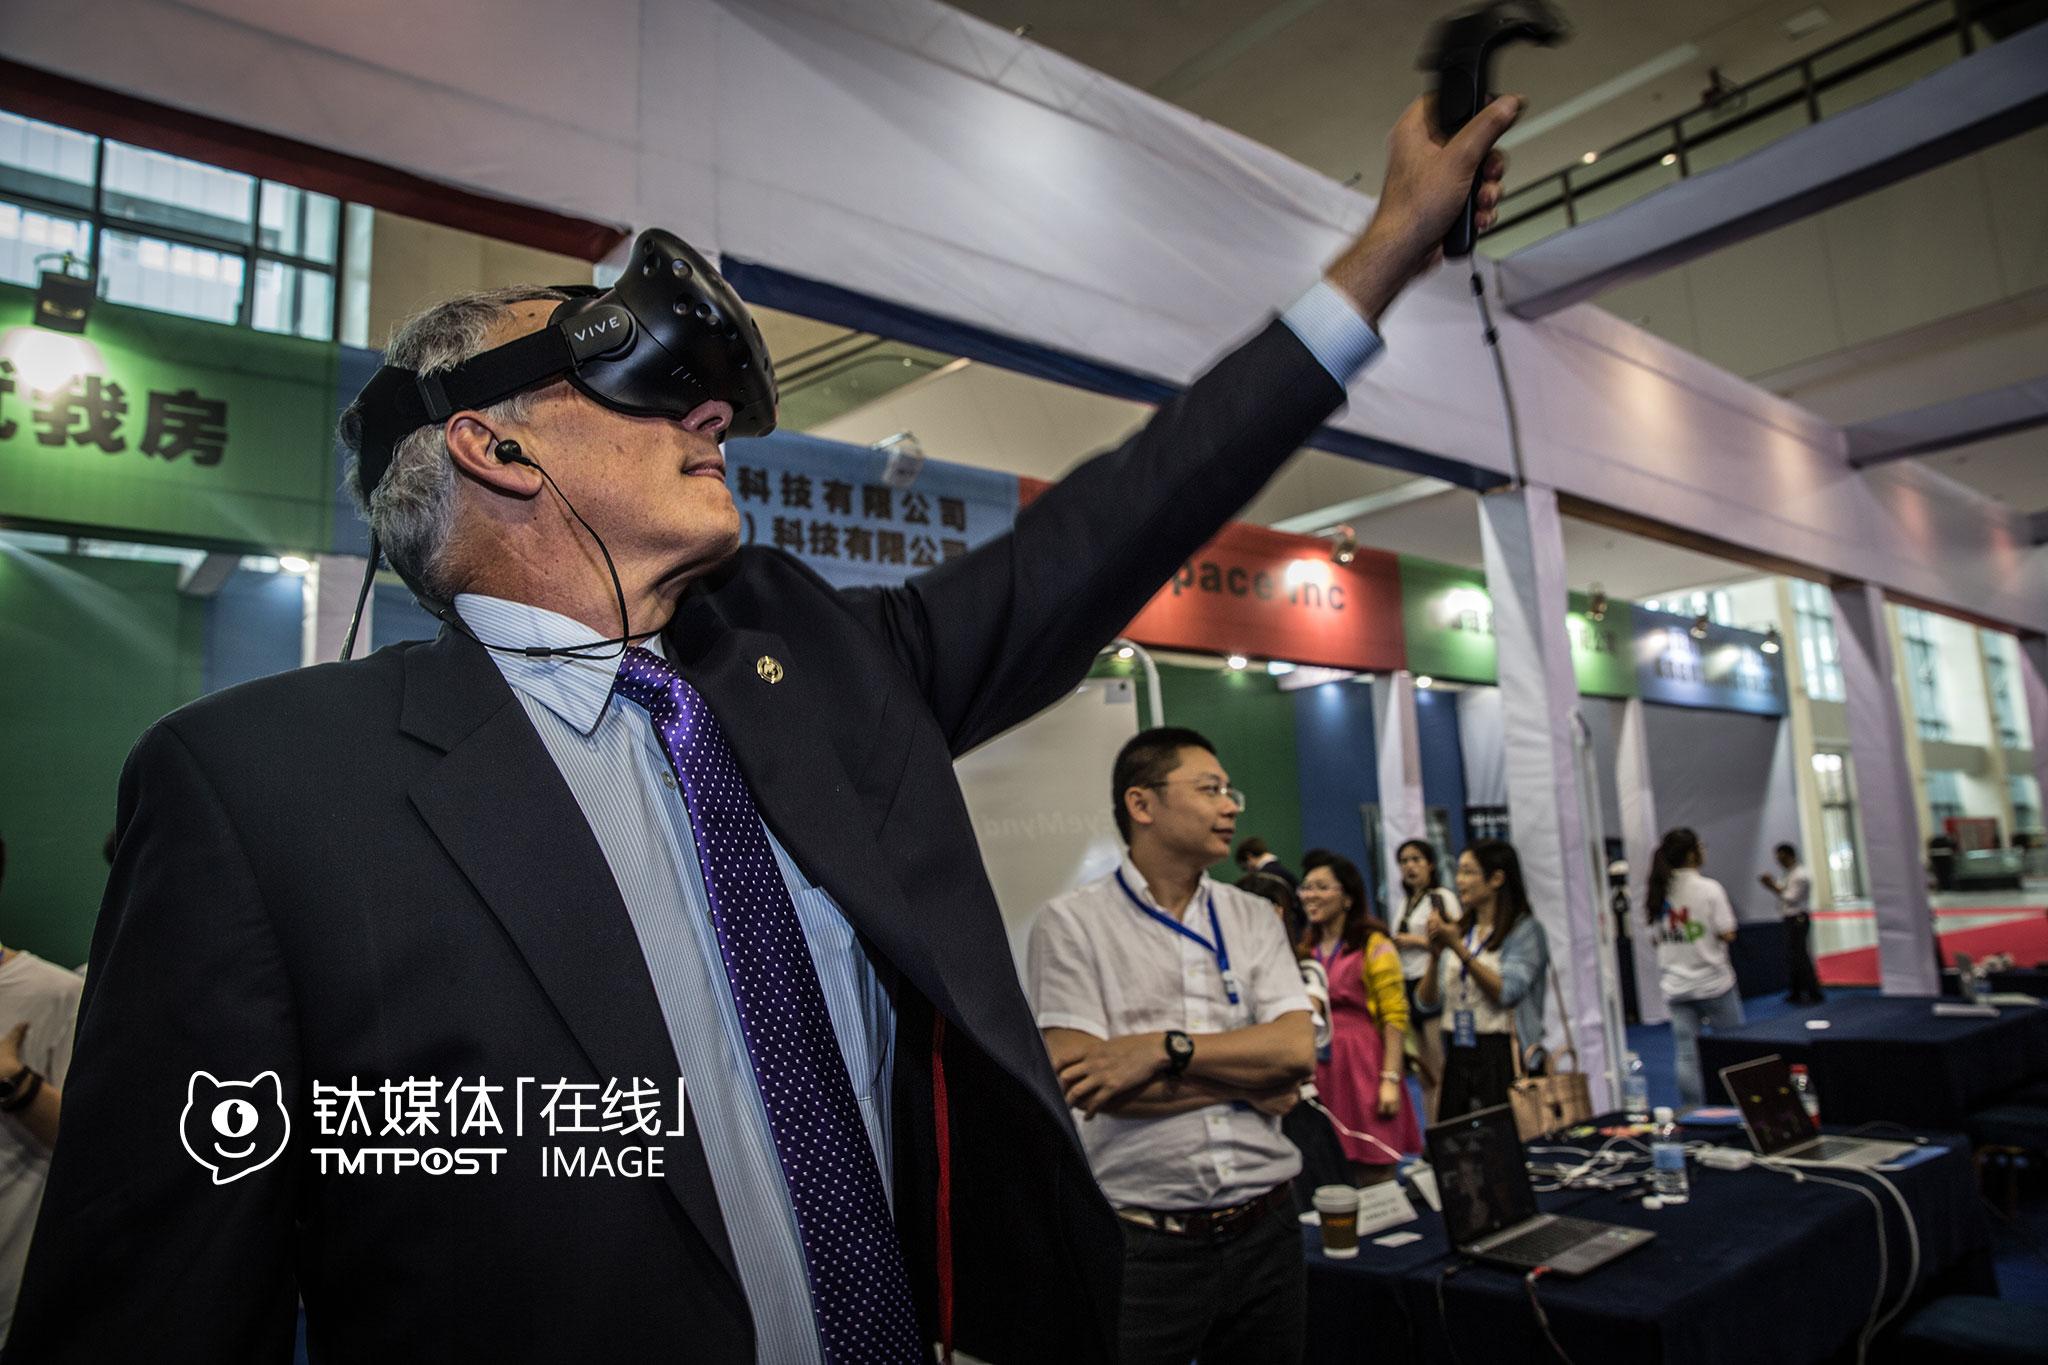 重庆VR峰会上,Michael在展位体验VR游戏。